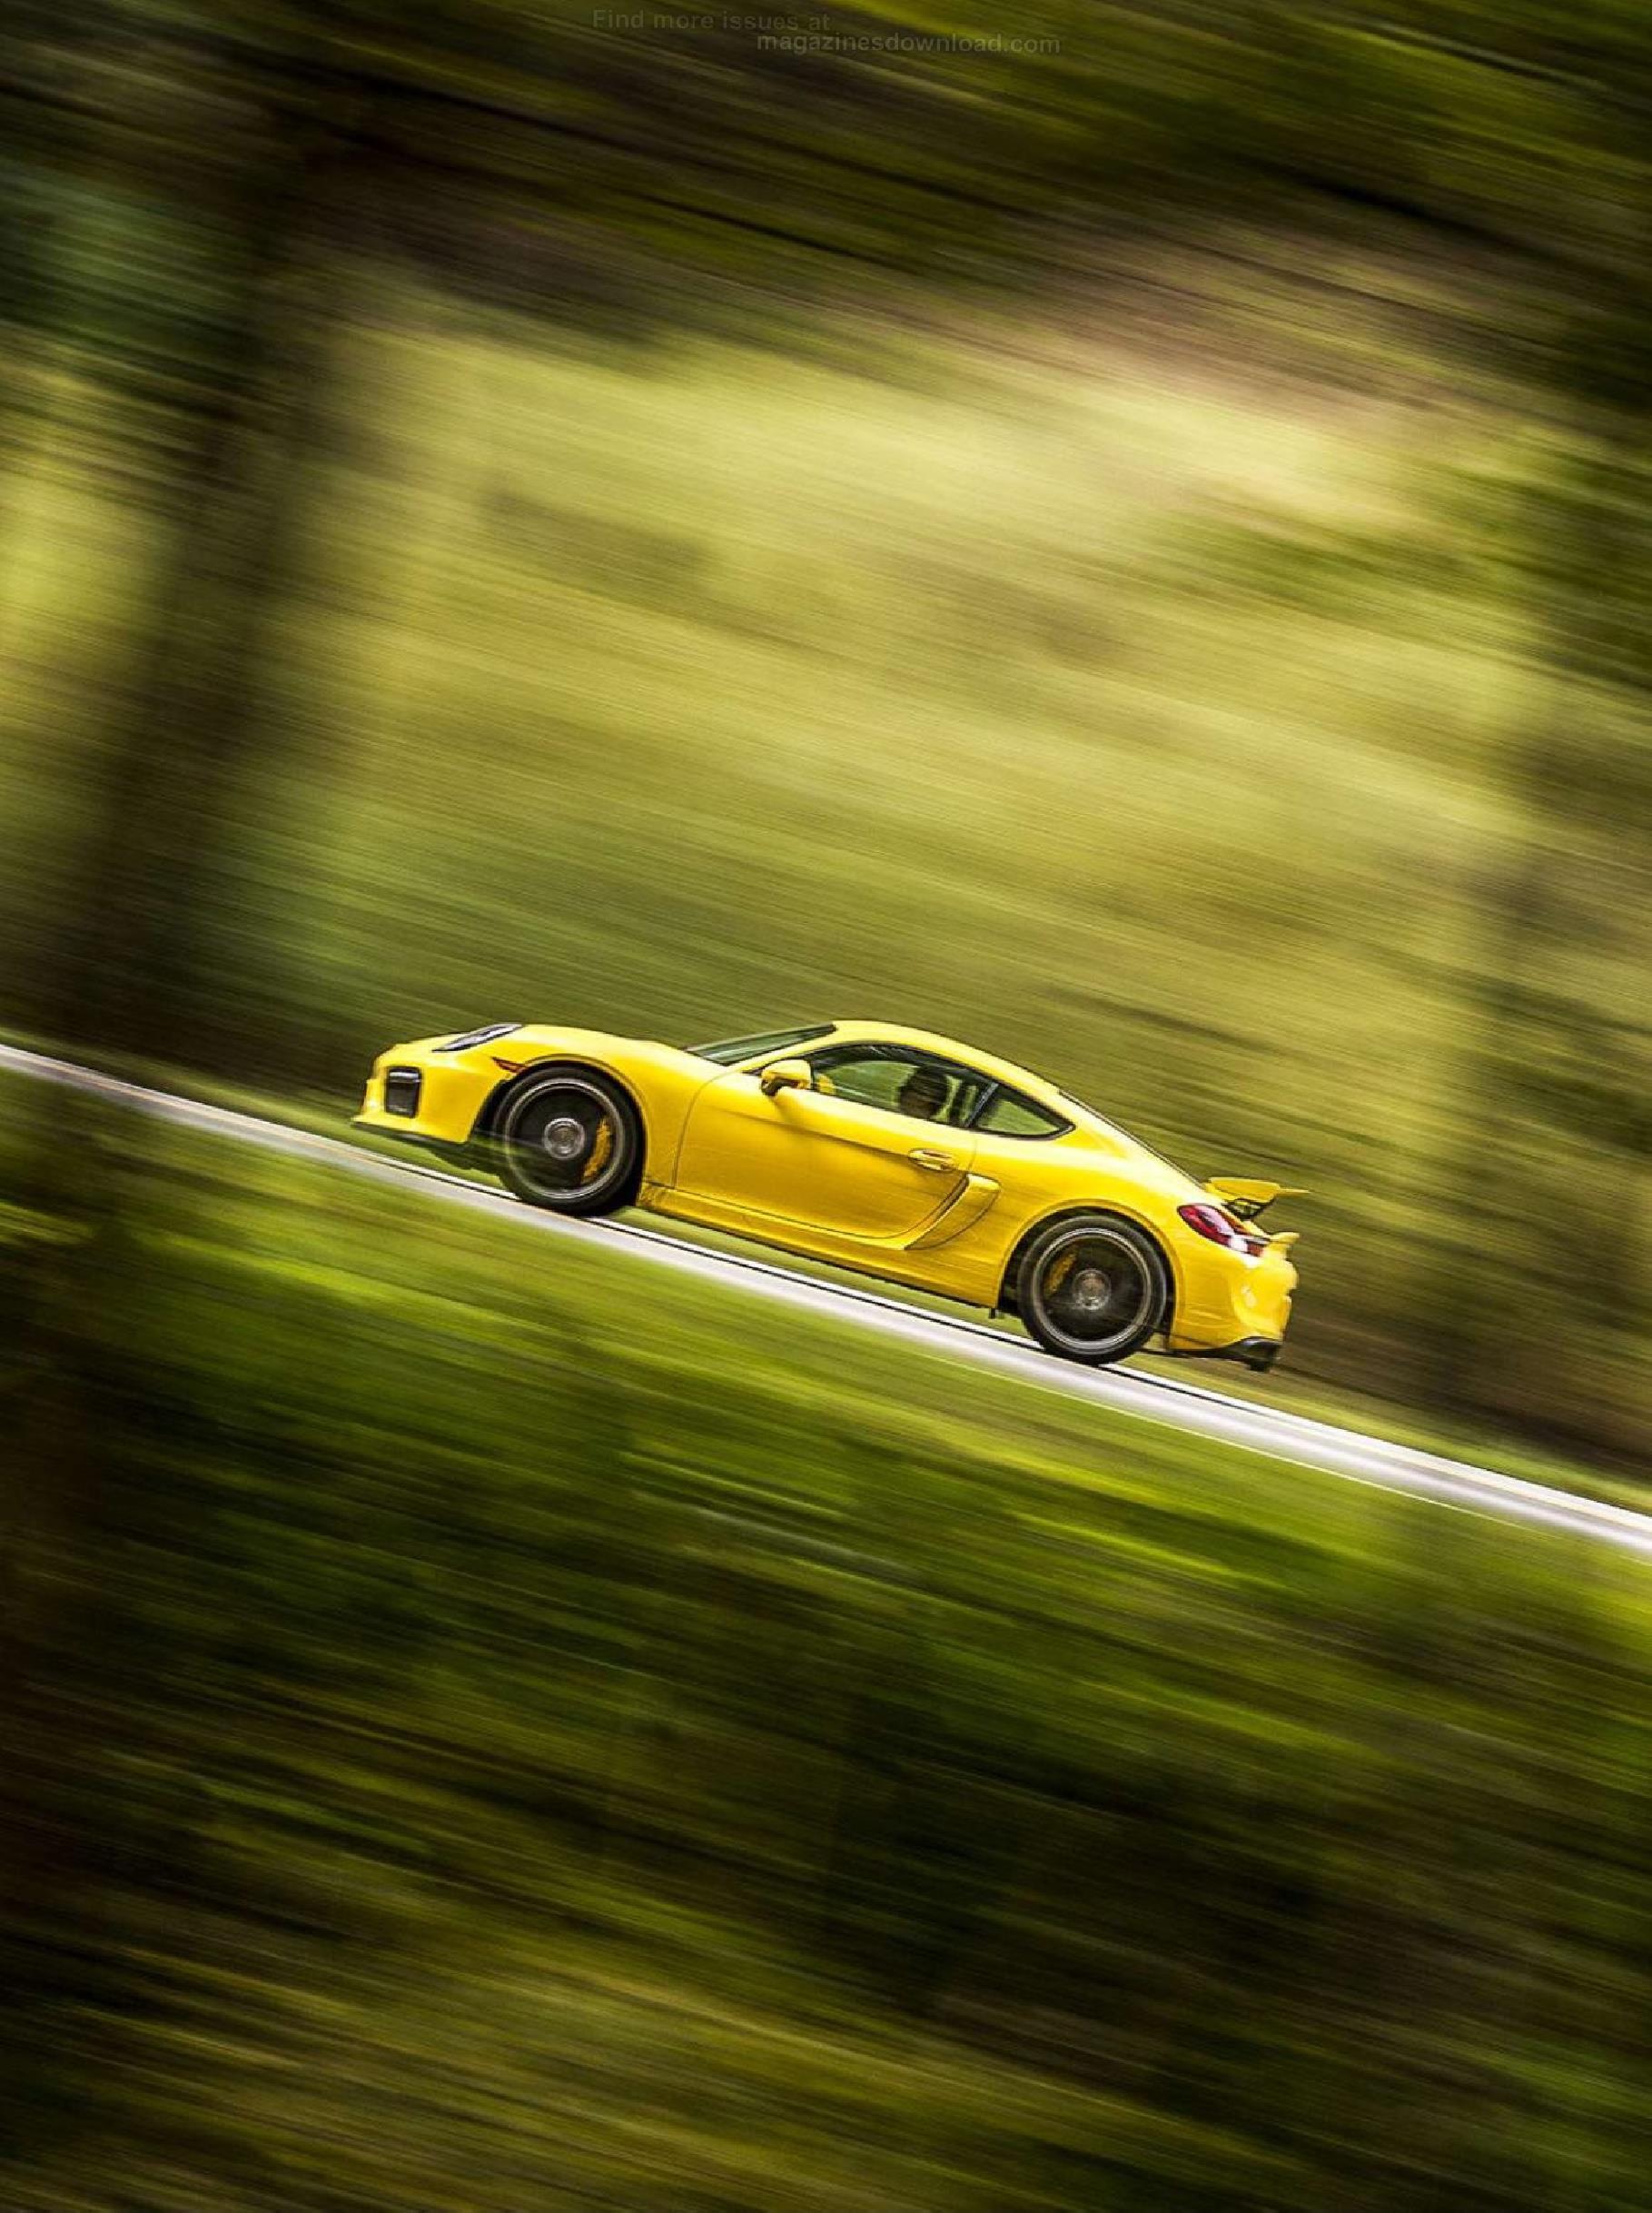 Porsche 981 Cayman Gt4 Vs Ferrari 488 Gtb Vs Ford Mustang